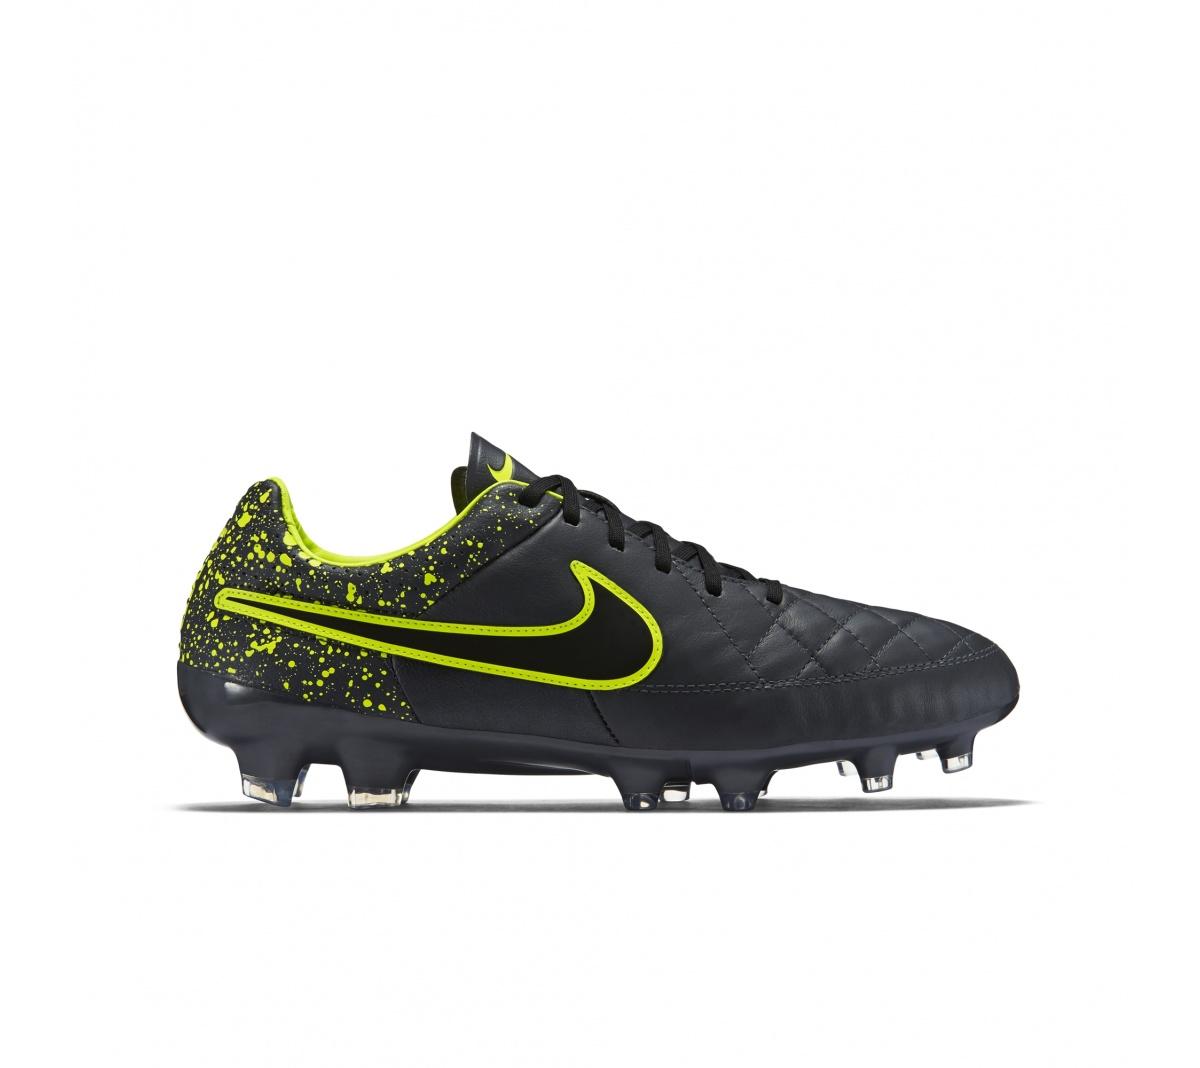 1259f8110a4b4 Chuteira Nike Tiempo Legacy Campo Chuteira Nike Tiempo Legacy Campo ...